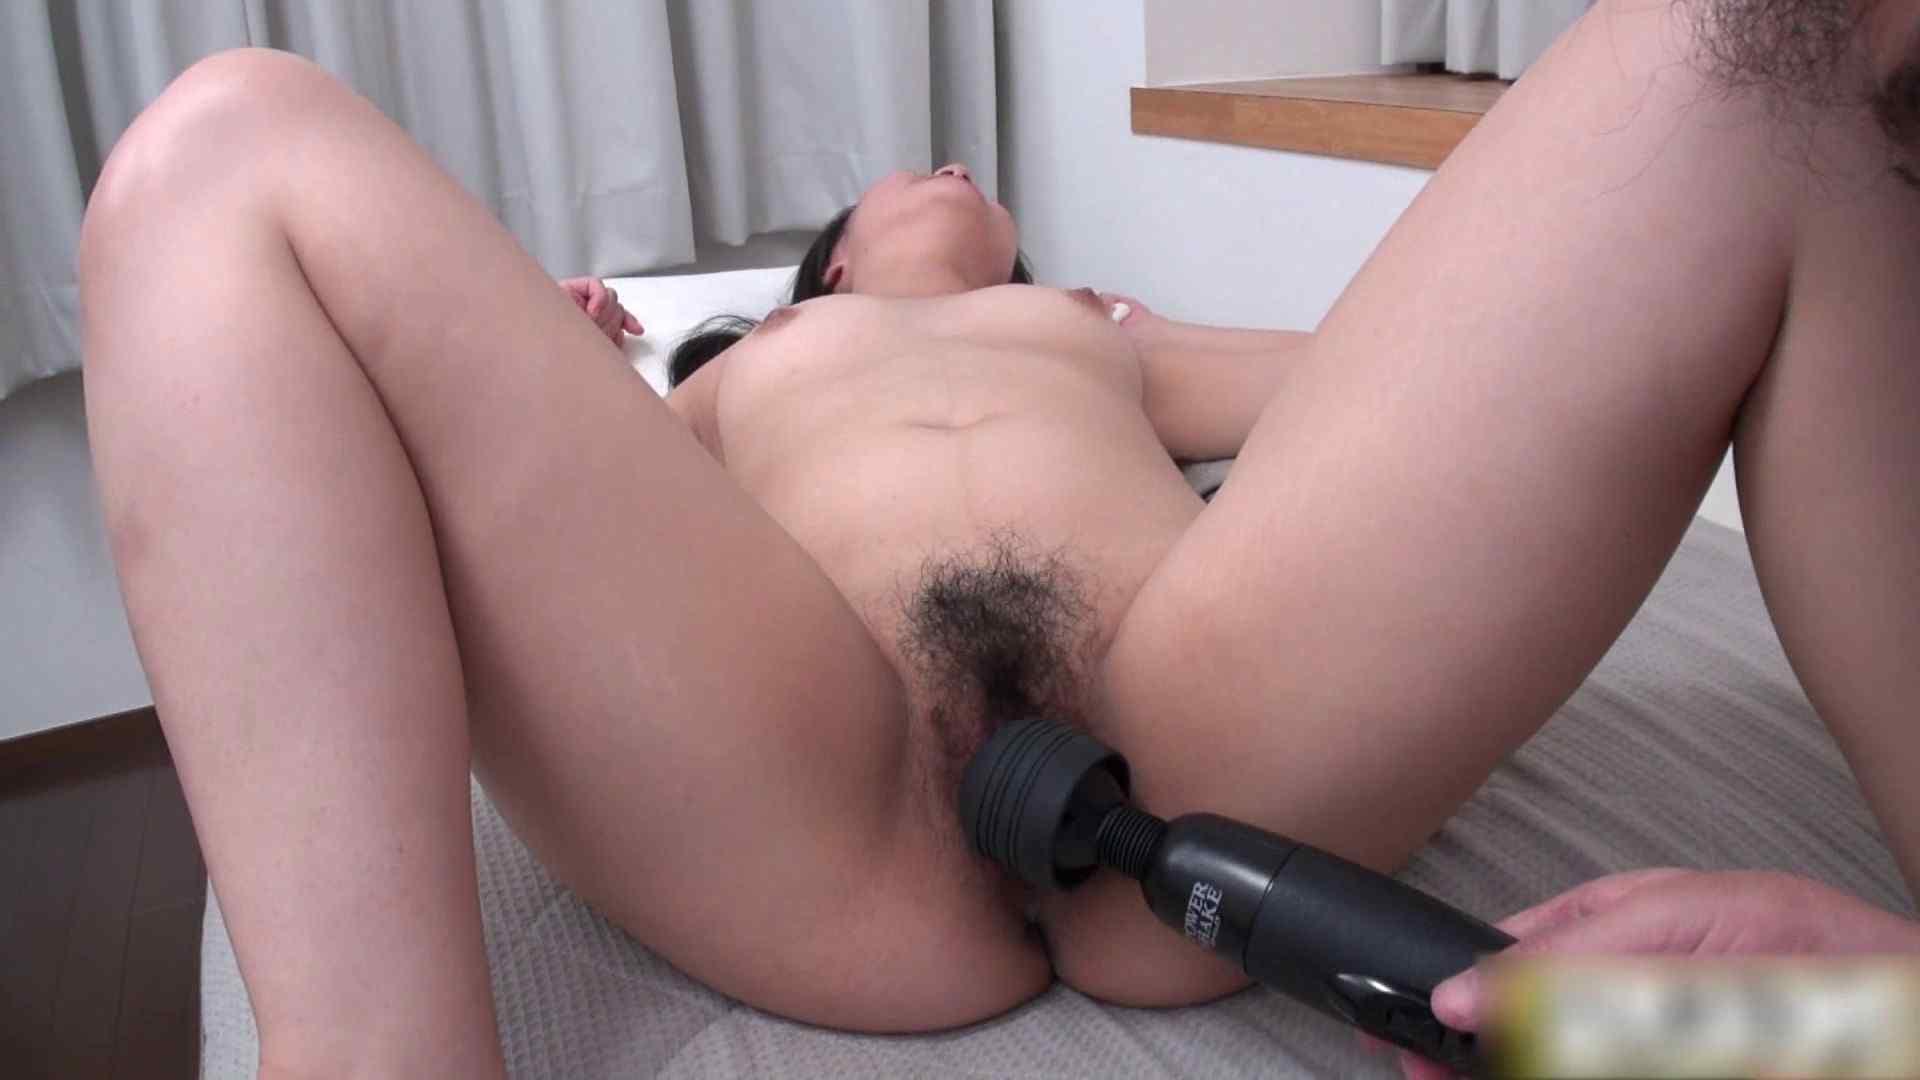 おしえてギャル子のH塾 Vol.12 前編 ギャル  71pic 60